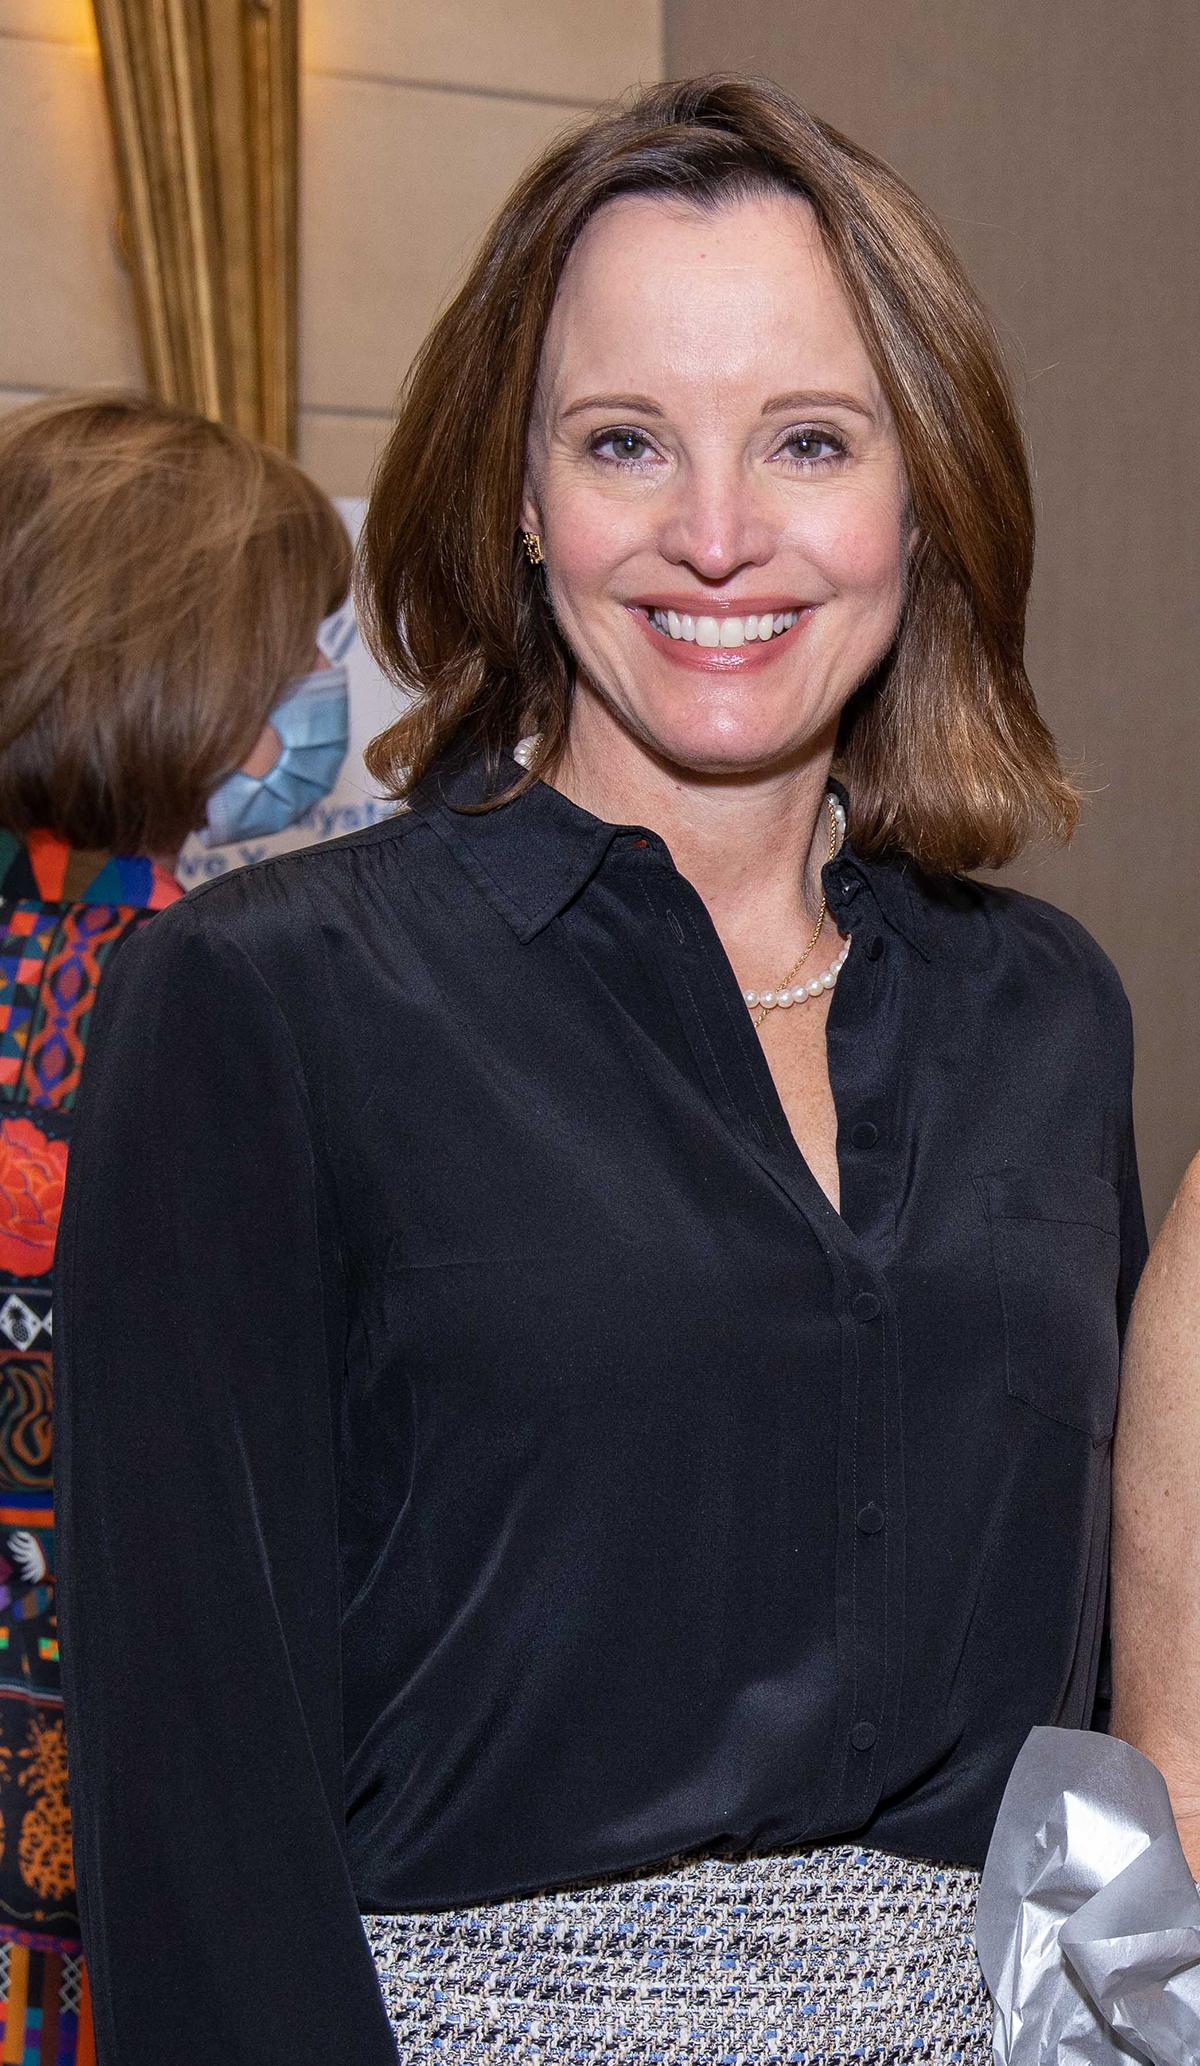 Kim Brannon